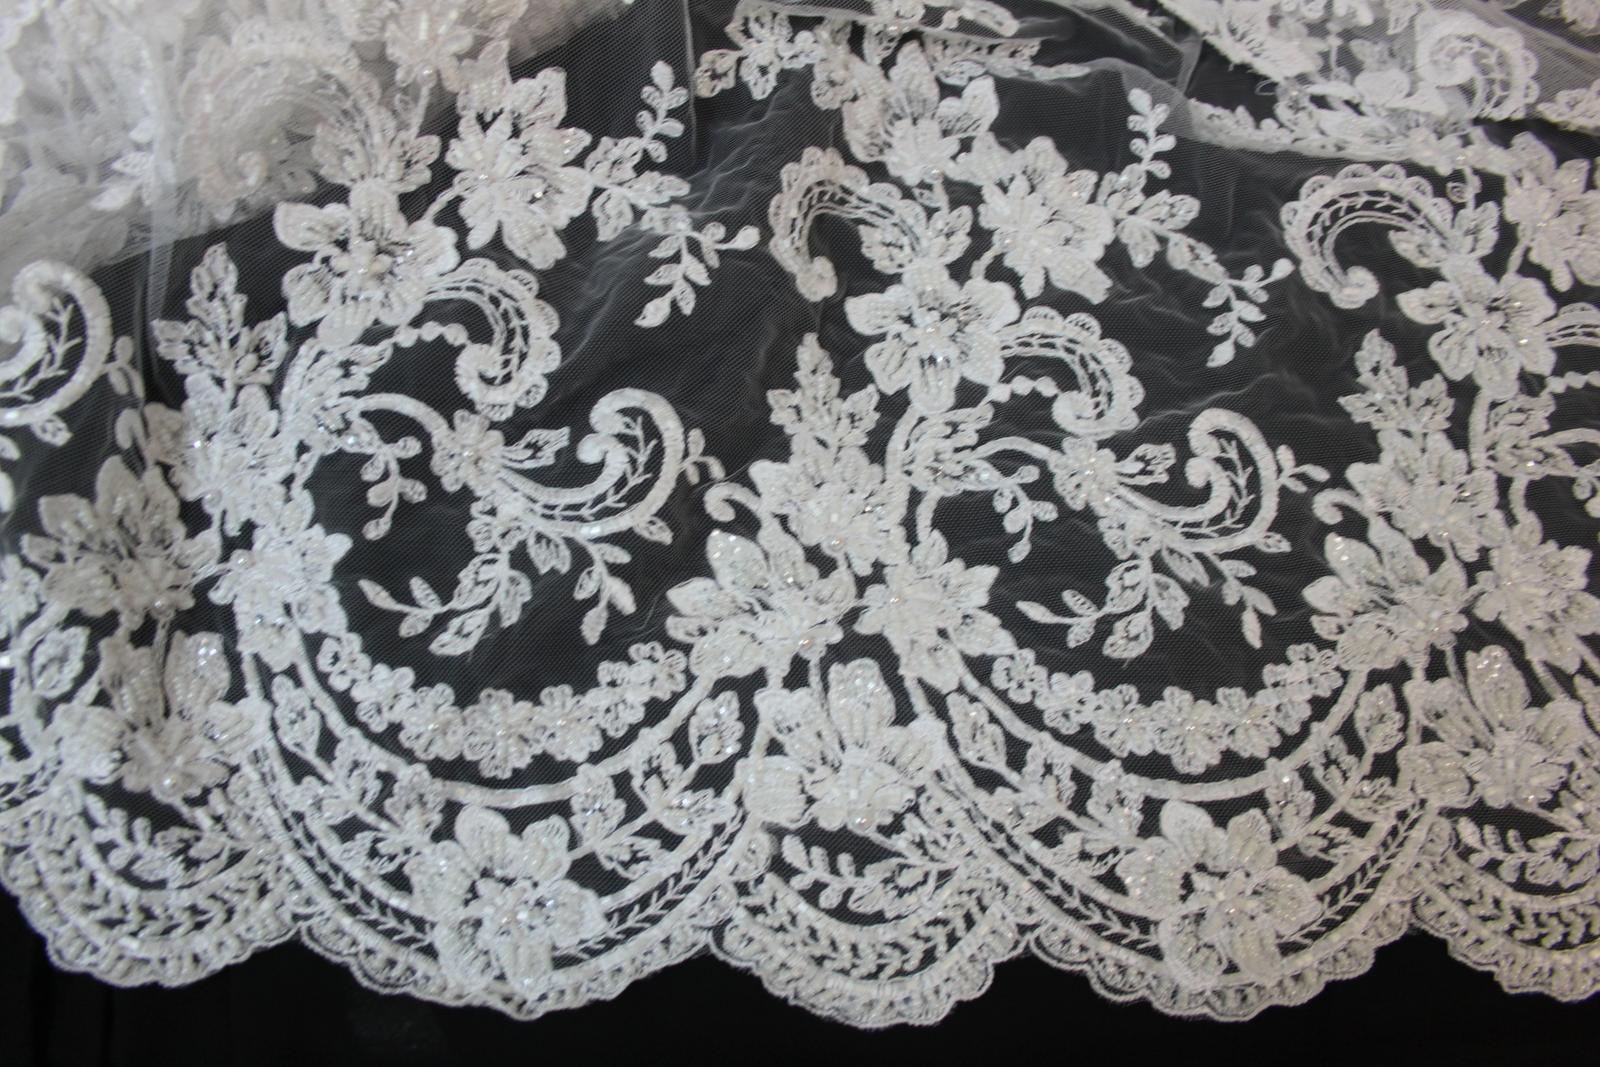 3 D Látky, aplikácie na svadobné šaty prípadne na iné dozdobenie - Obrázok č. 14